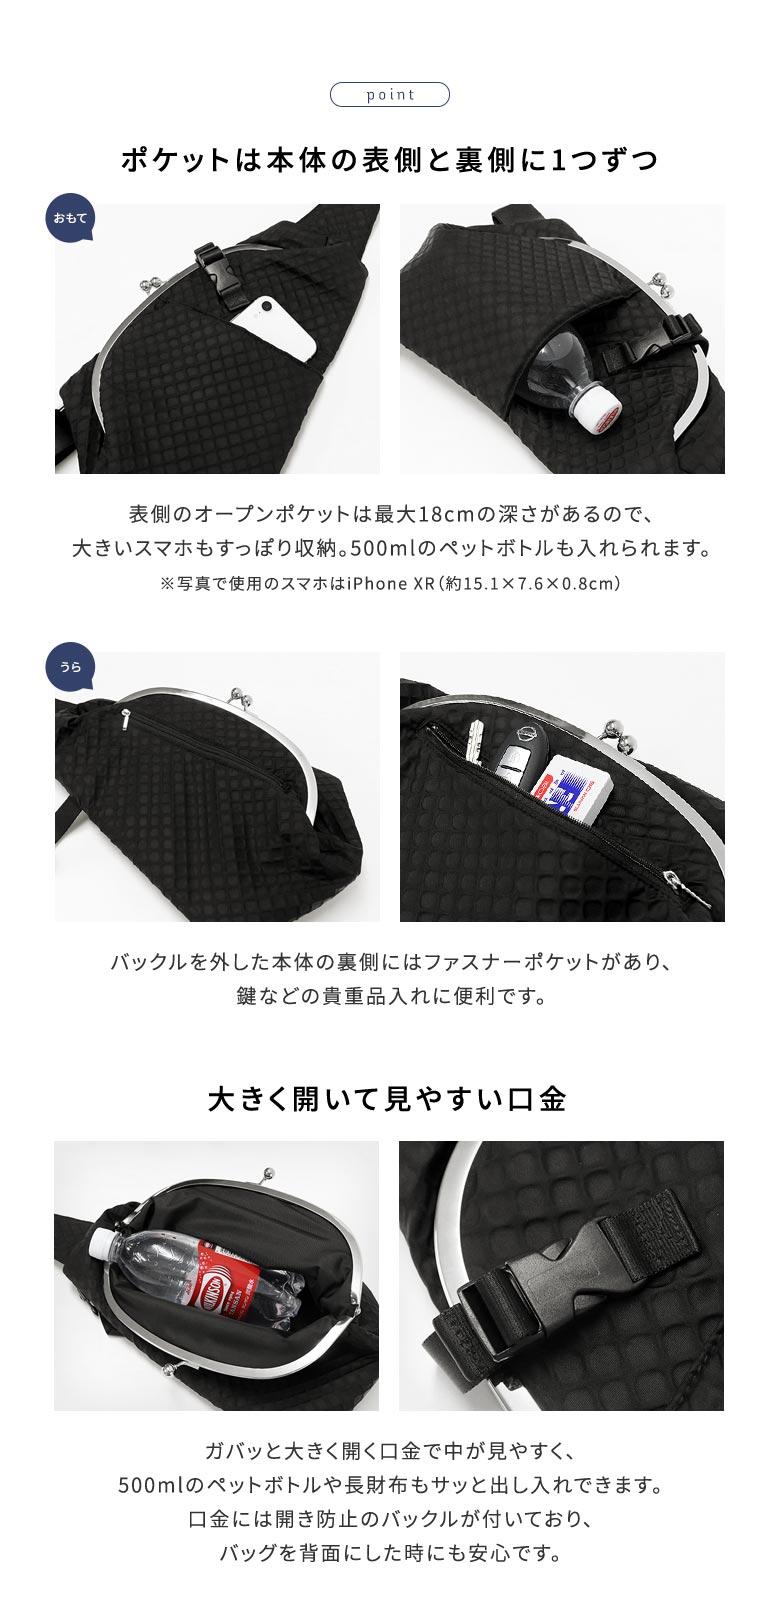 AYANOKOJI Sarei ドロップ型がま口ボディバッグ POINT ポイント ・ポケットは本体の表側と裏側に1つずつ。・表側のオープンポケットは最大18cmの深さがあるので、大きいスマホもすっぽり収納。・バックルを外した本体の裏側にはファスナーポケットがあり、鍵などの貴重品入れに便利です。・ガバッと大きく開く口金で中が見やすく、500mlのペットボトルや長財布もサッと出し入れできます。口金には開き防止のバックルが付いており、バッグを背面にした時にも安心です。